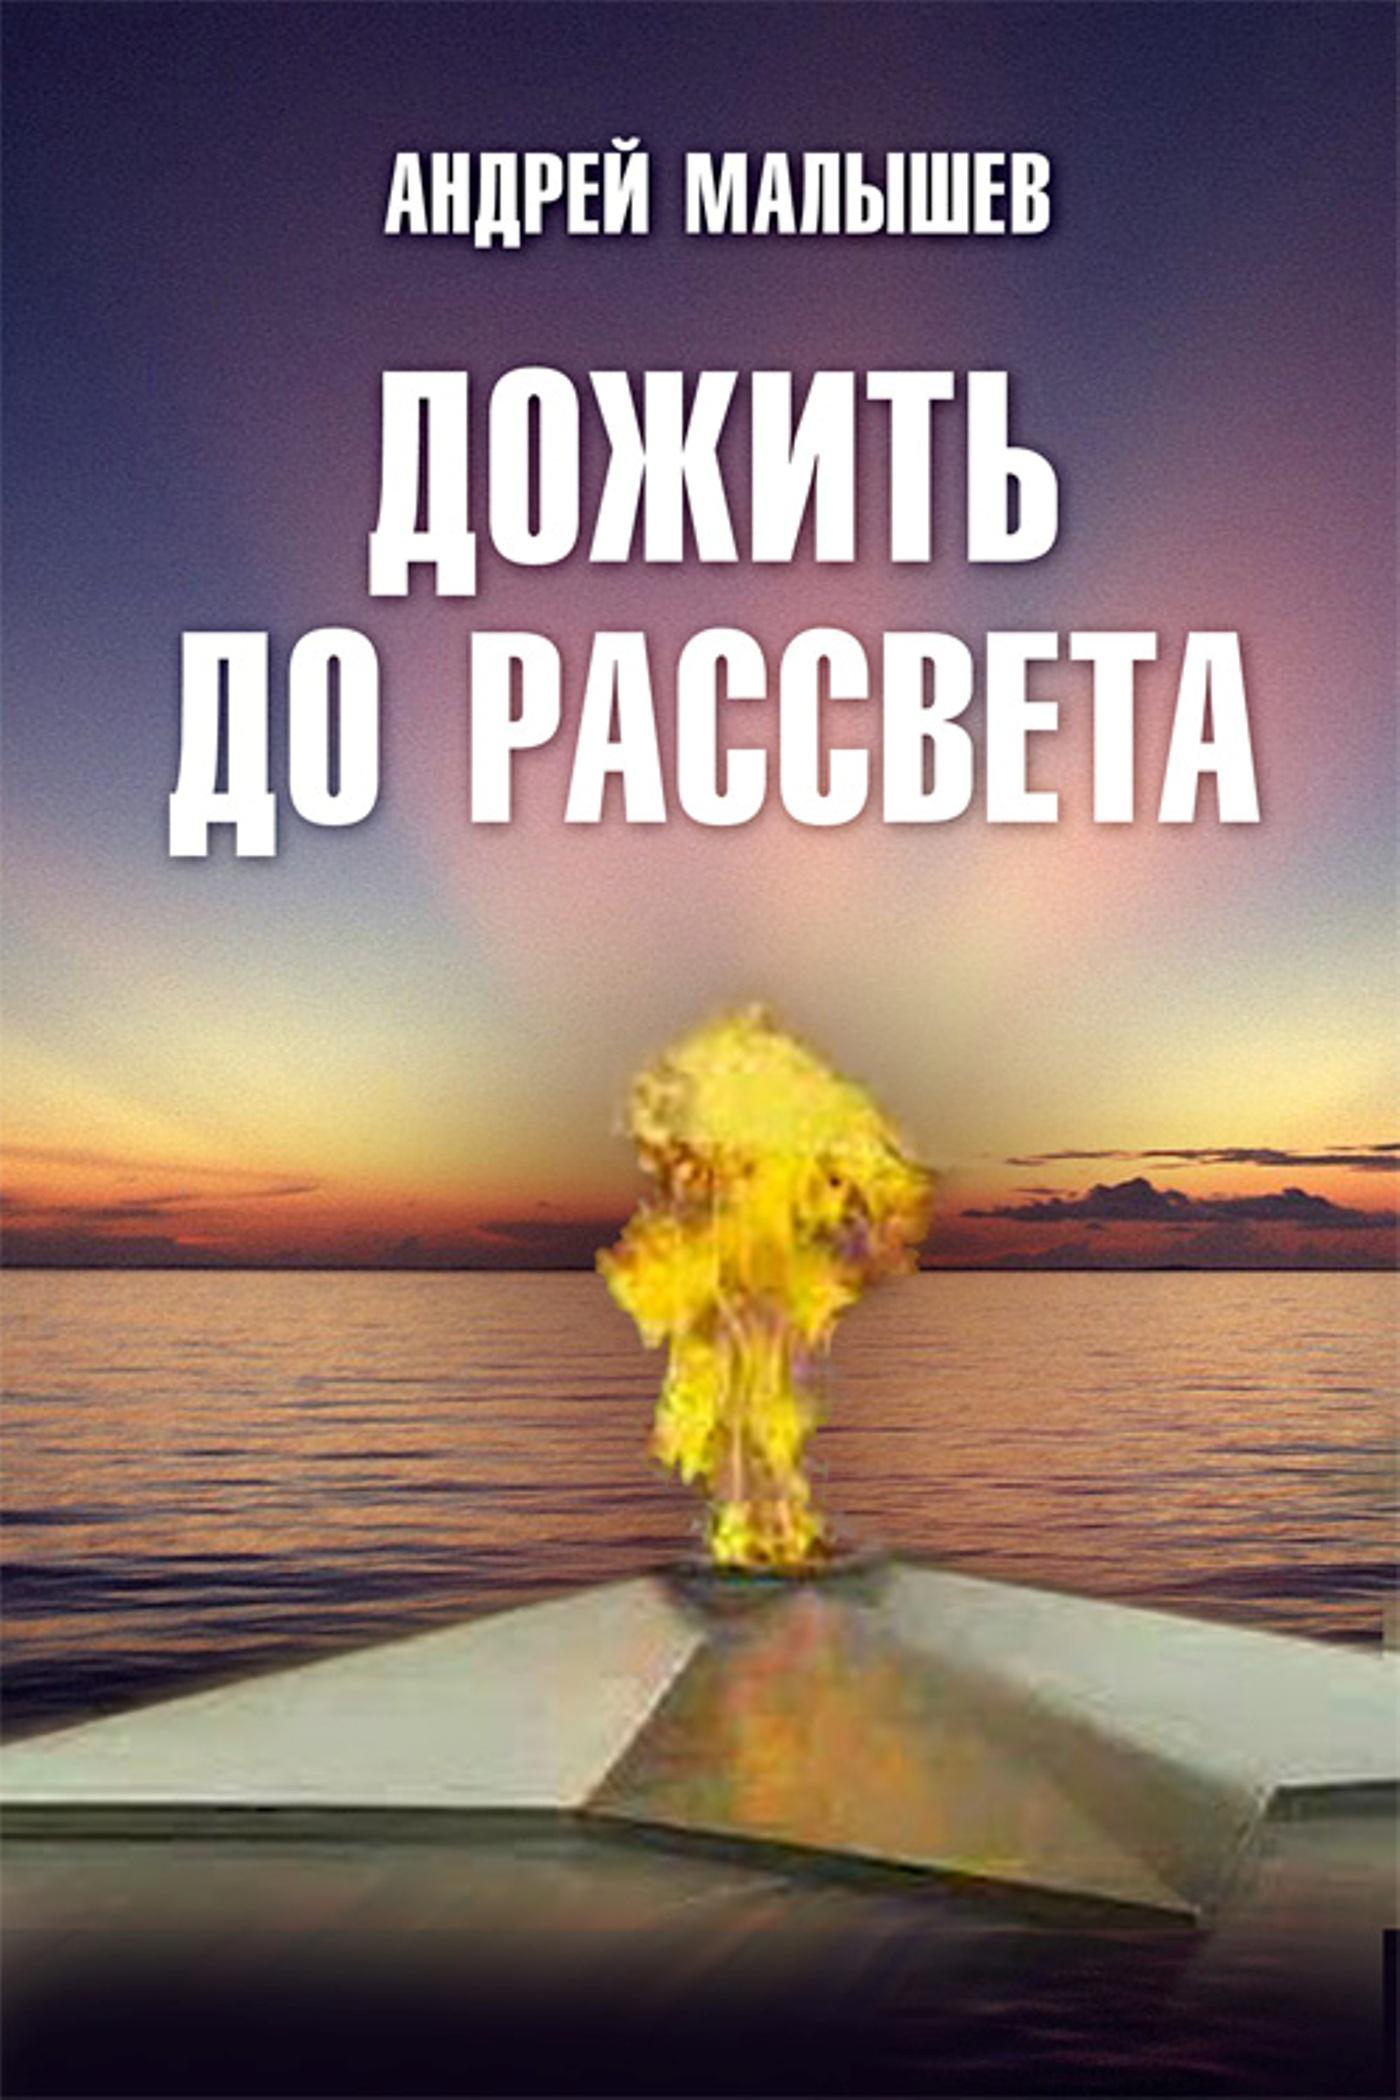 Андрей Малышев «Дожить до рассвета»